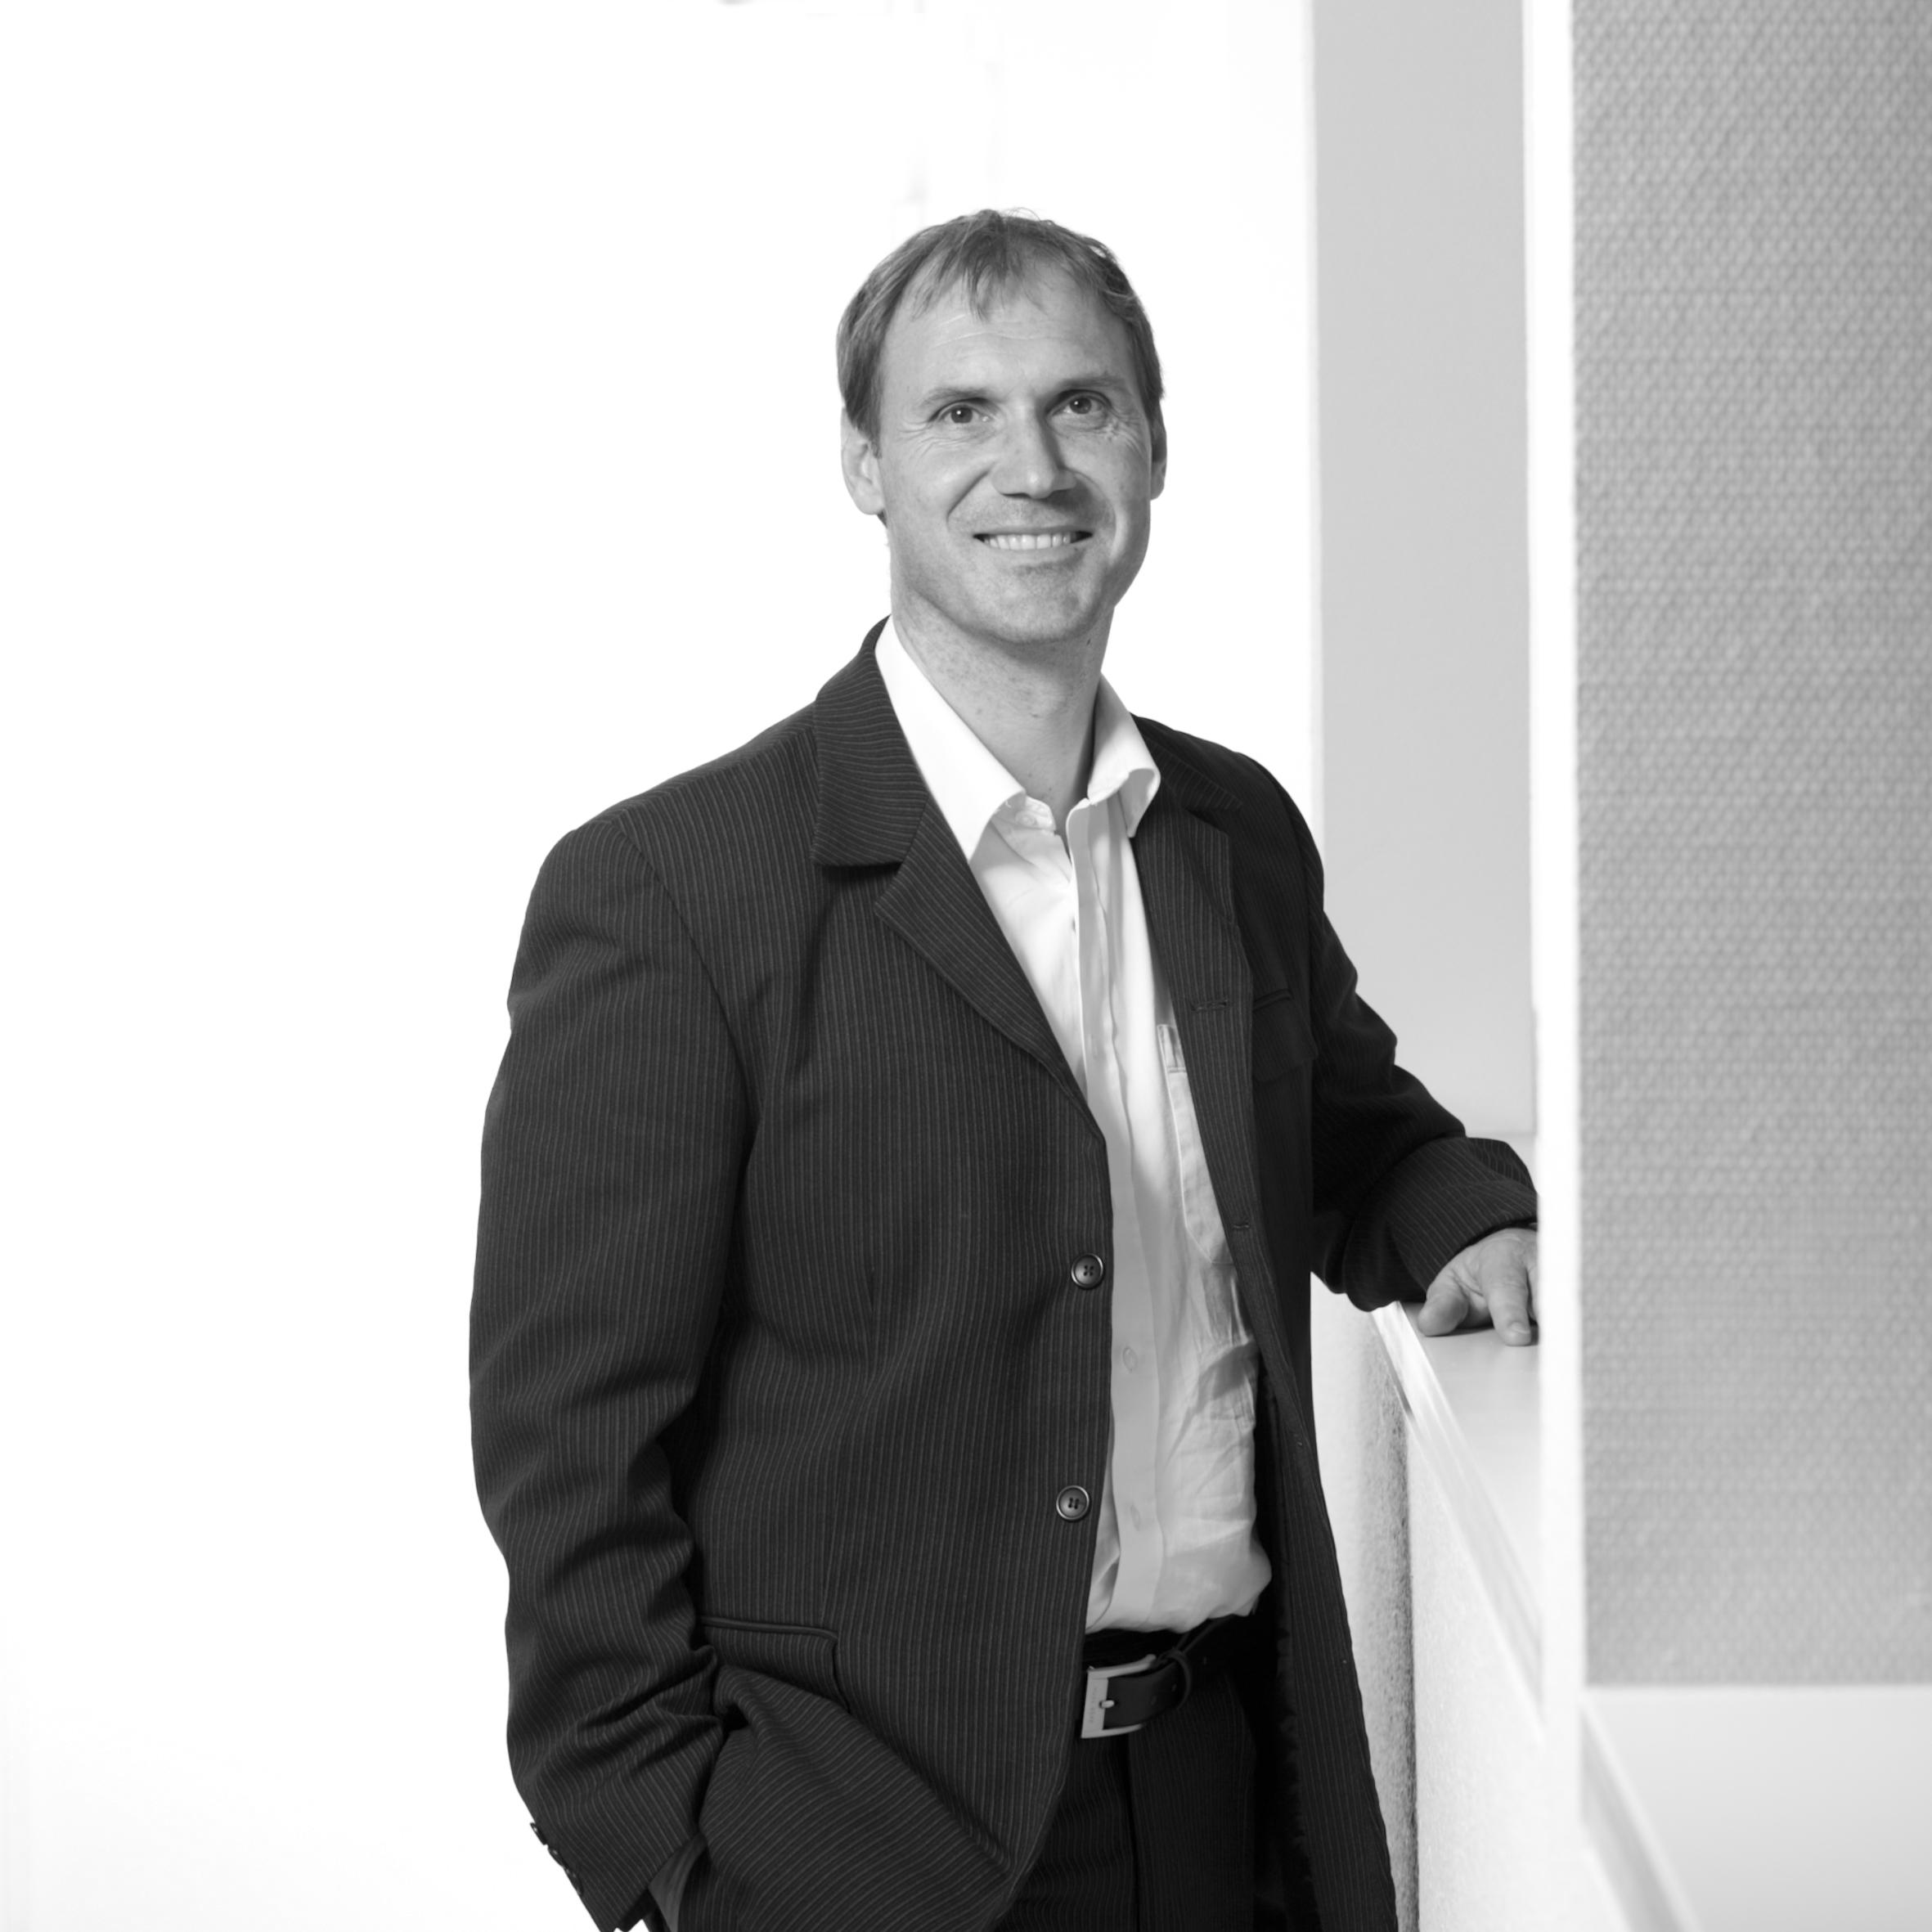 Prof. Dr. Jens Kreisel, directeur du département Materials Research and Technology (MRT) du LIST